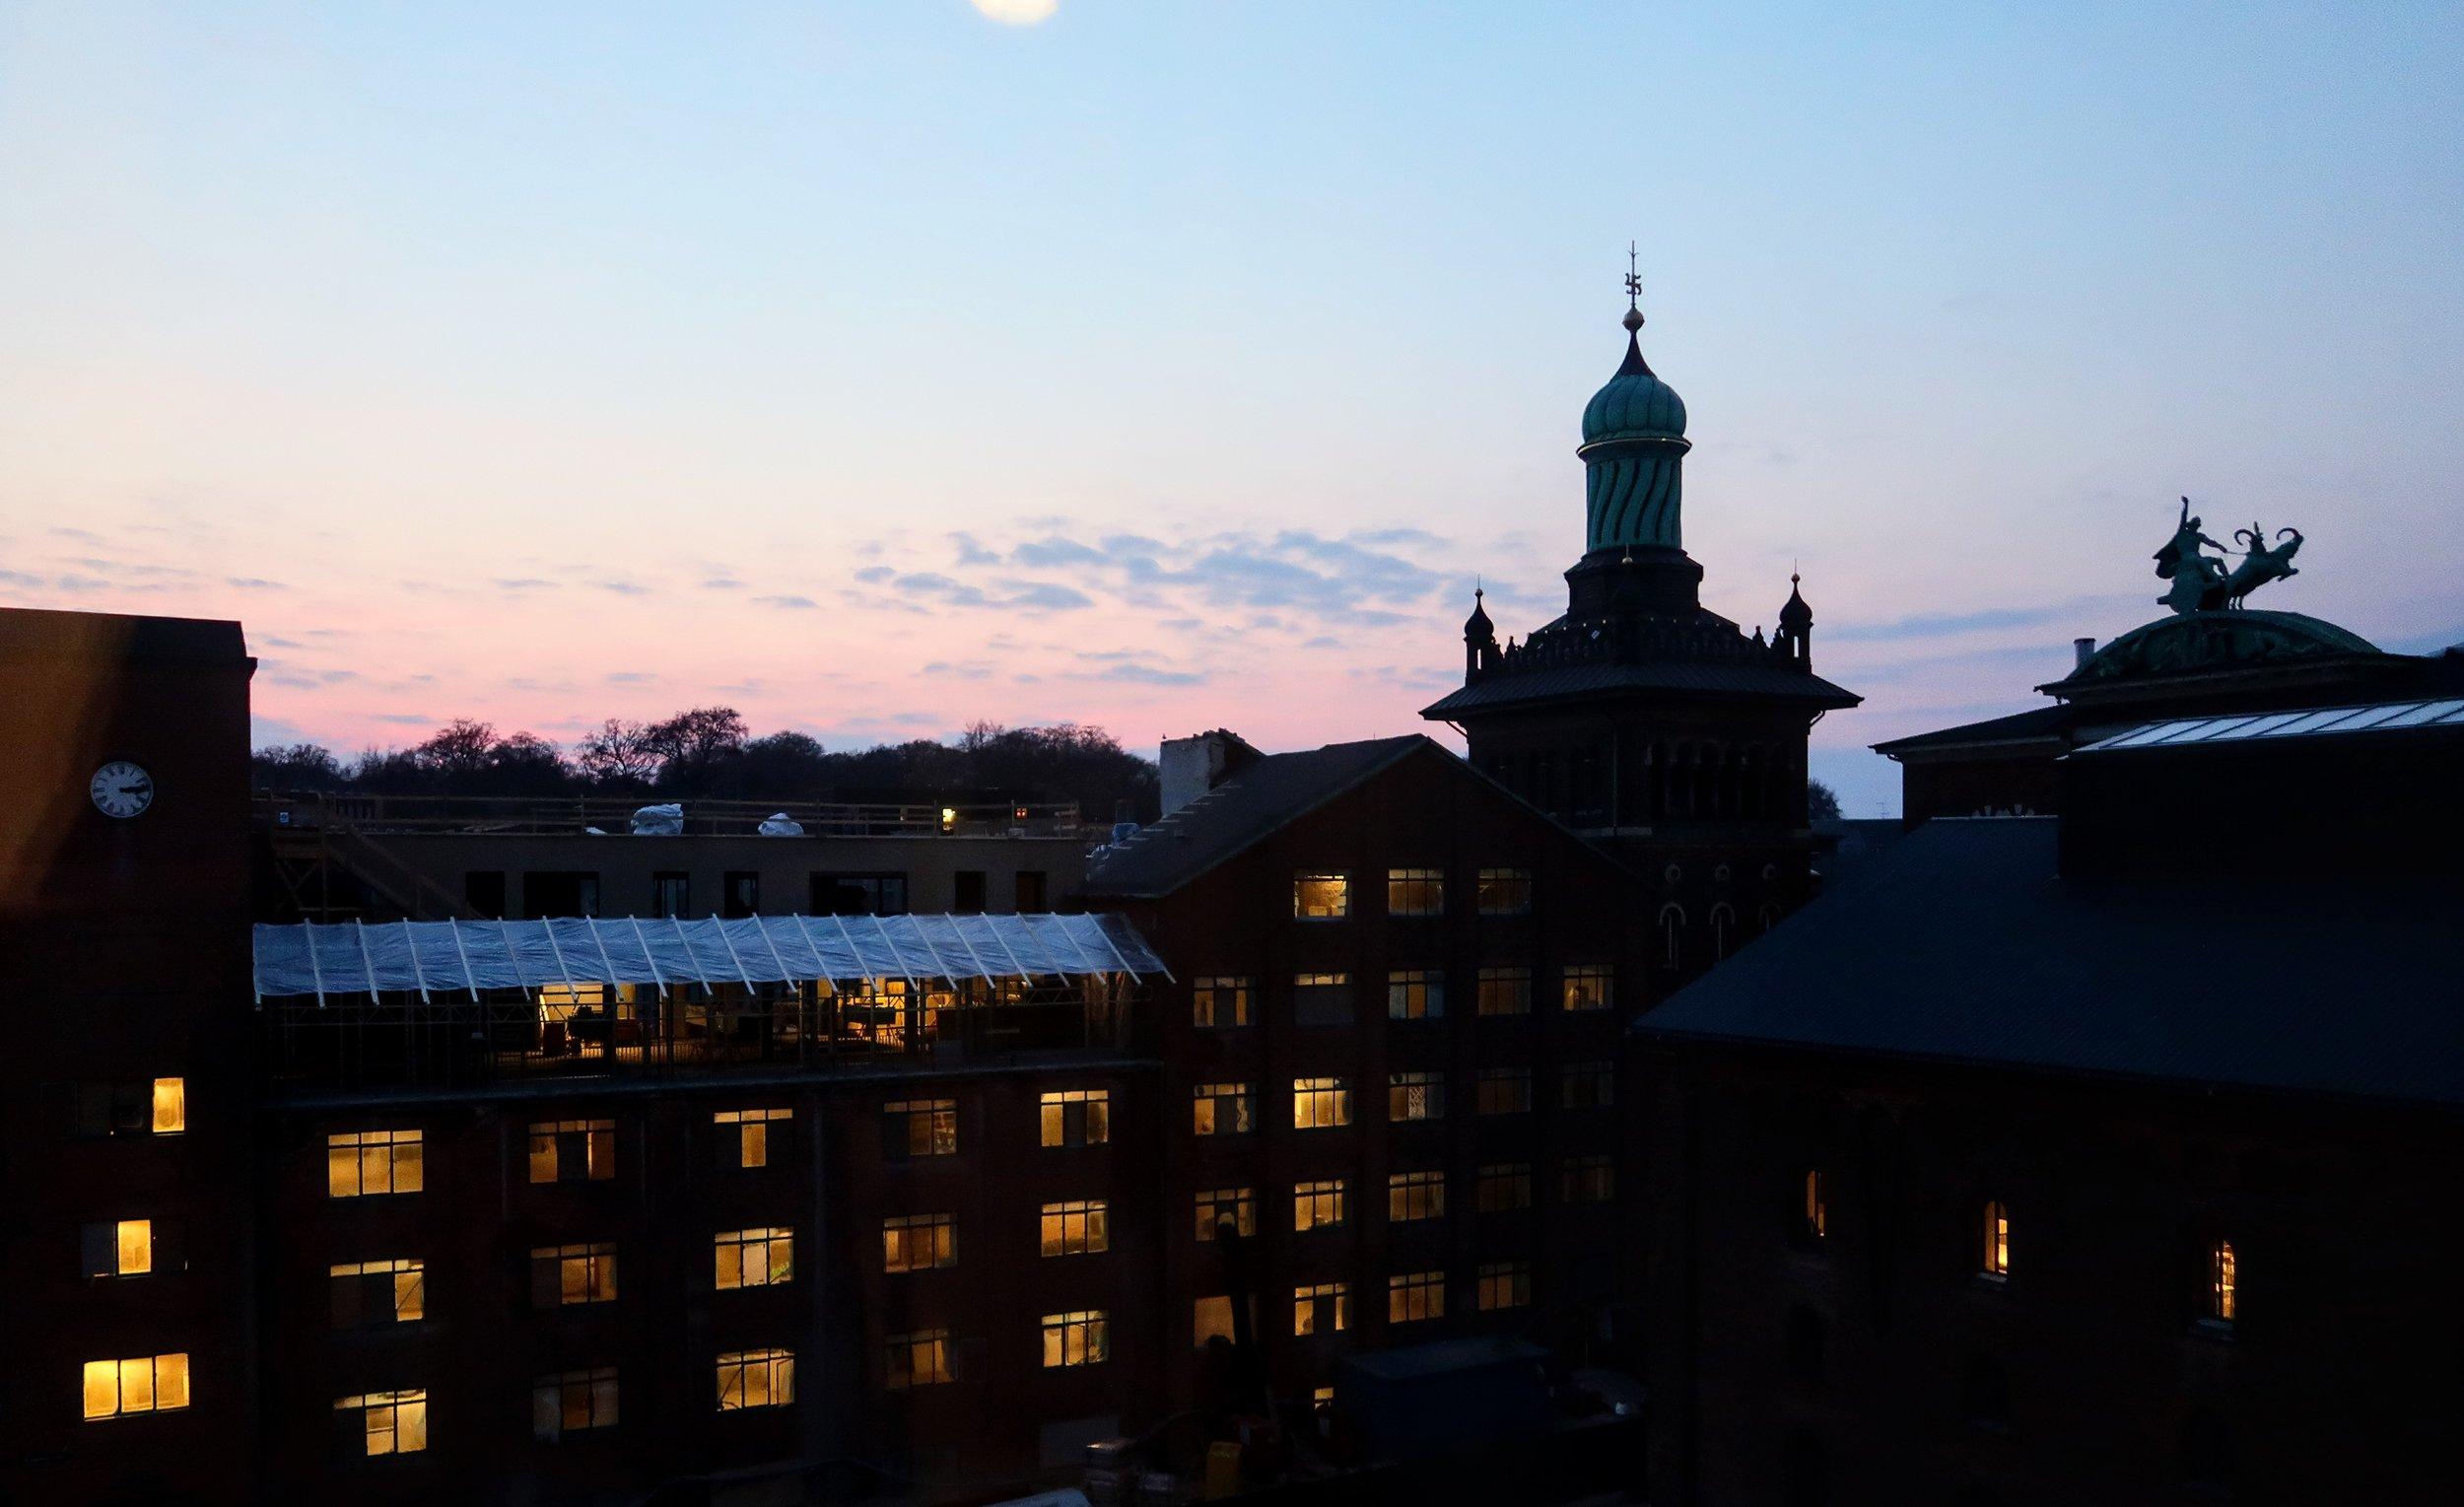 hotel-ottilia-sunset-goodnight